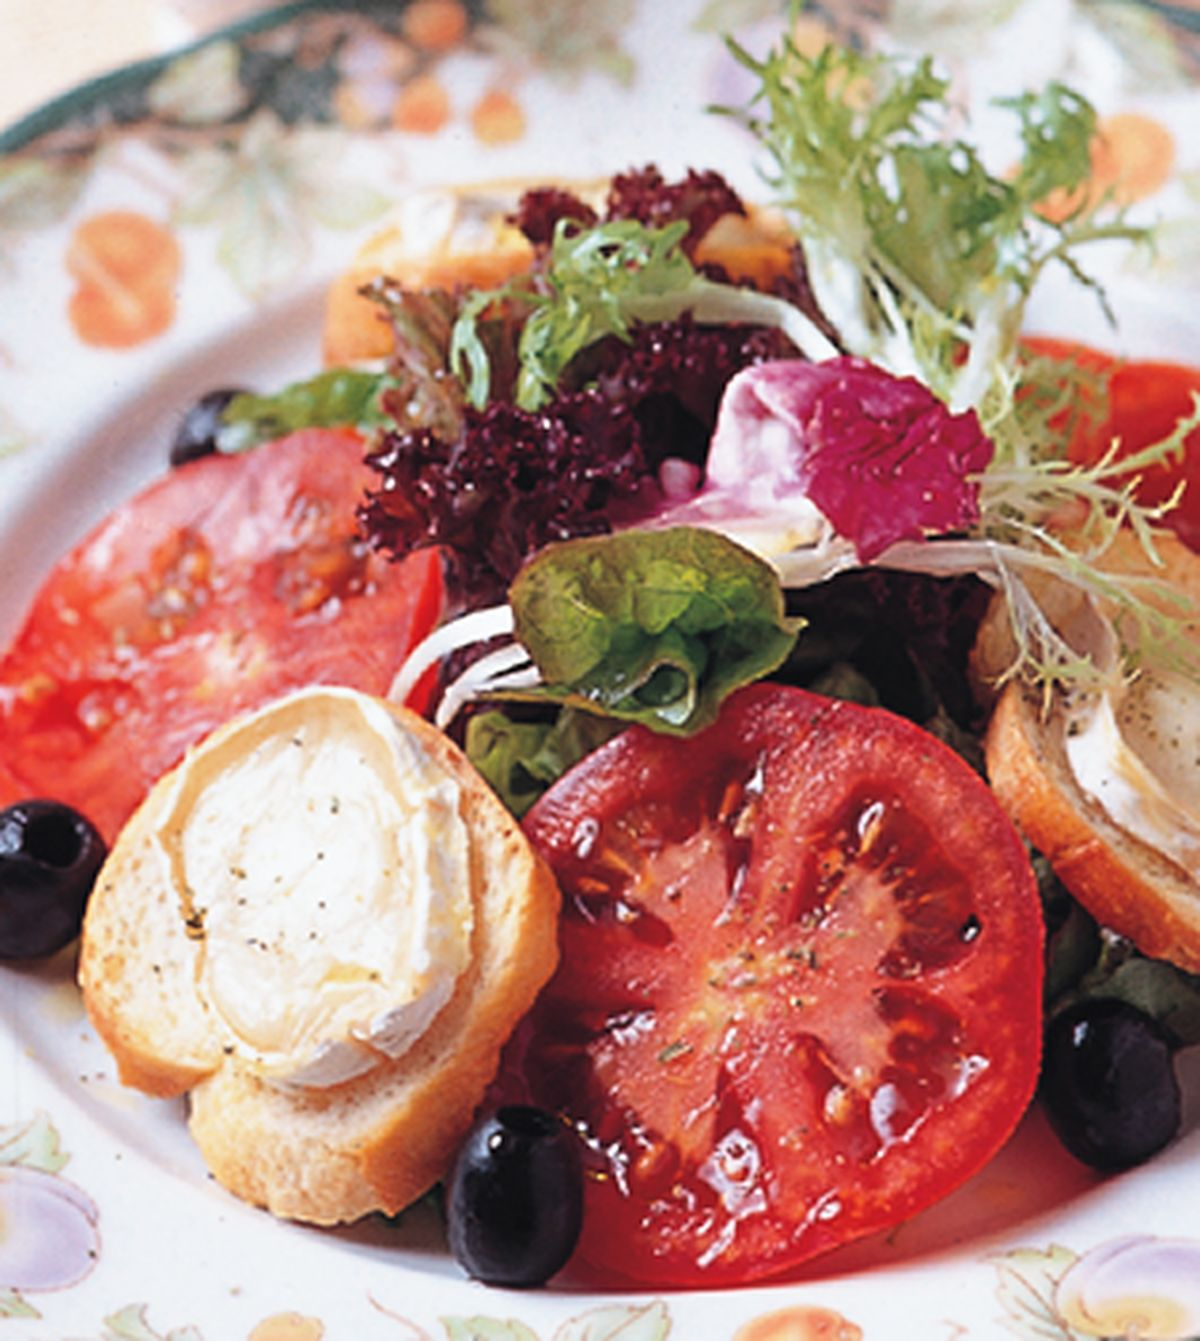 食譜:烤羊奶起司野菜沙拉